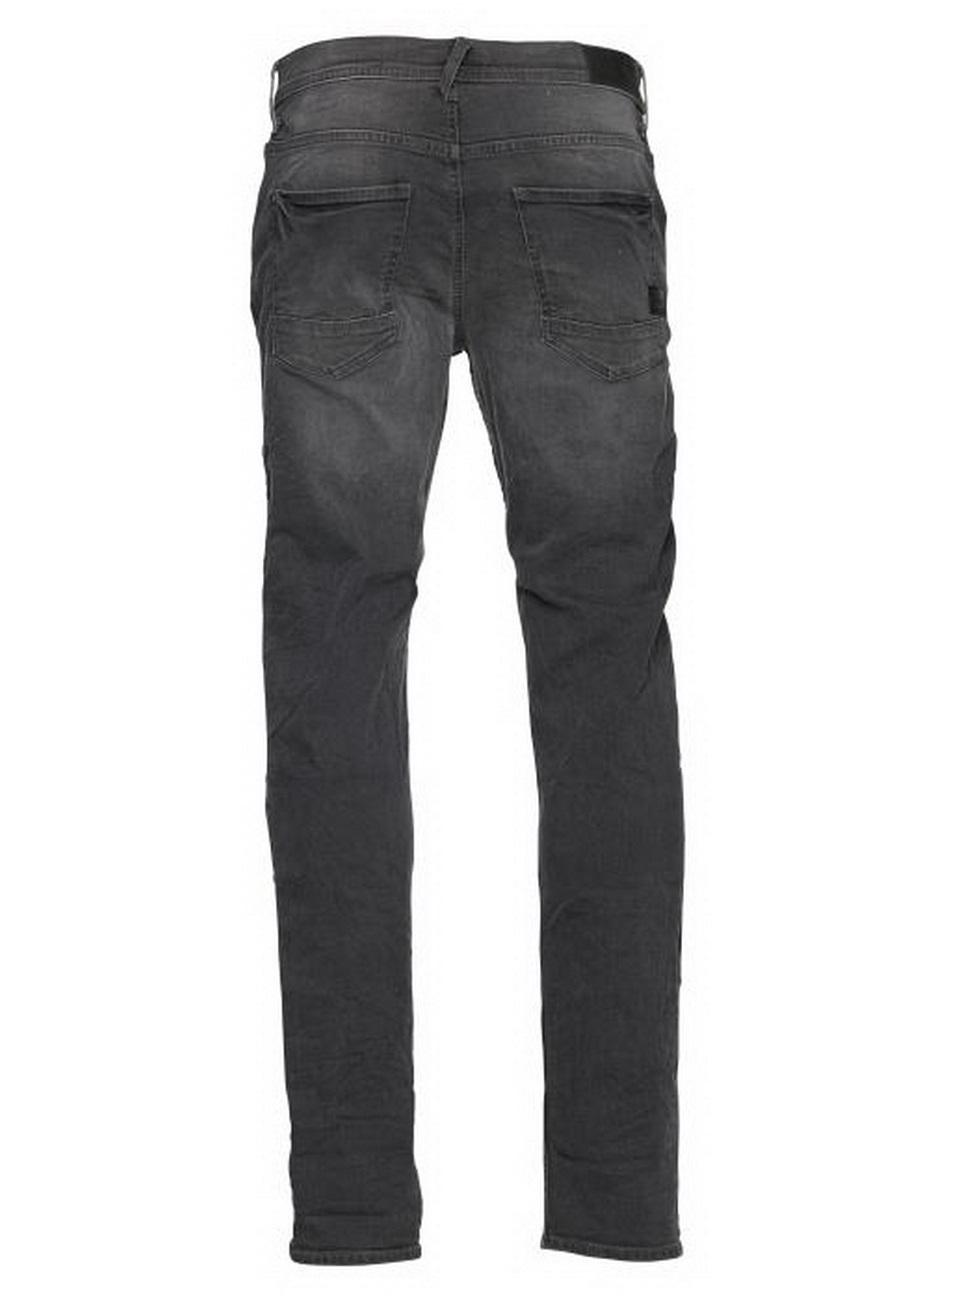 blend herren jeans twister slim fit grau denim grey. Black Bedroom Furniture Sets. Home Design Ideas